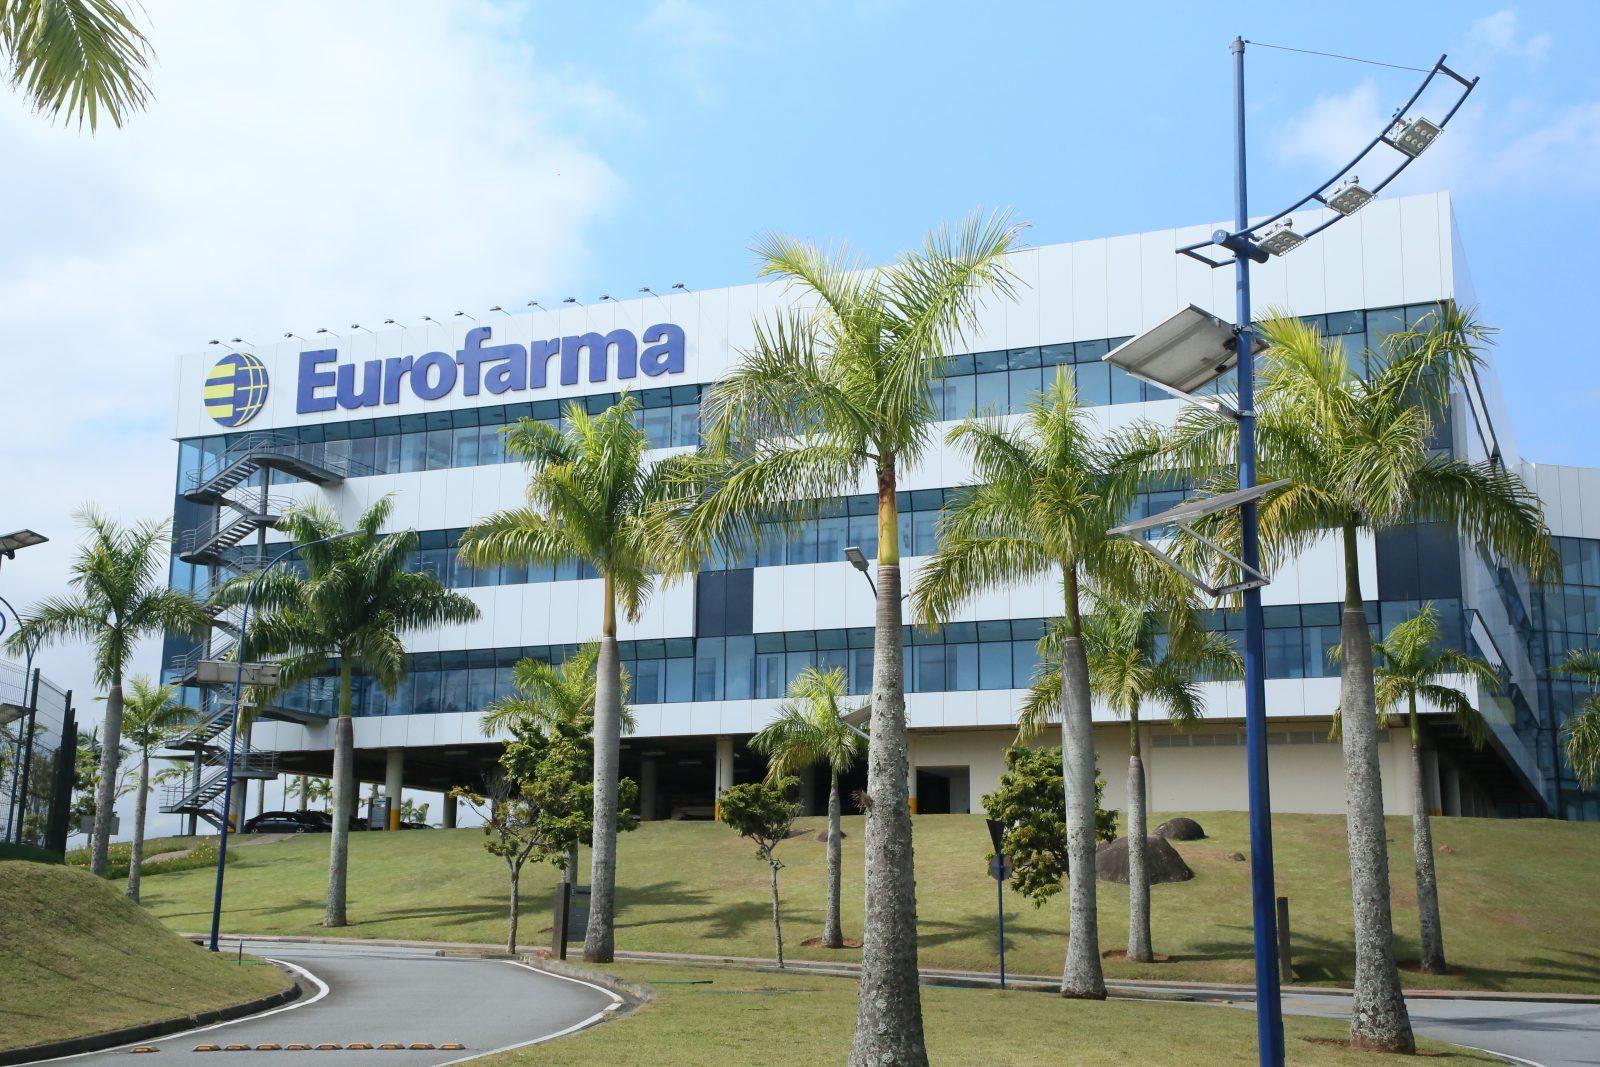 eurofarma-planeja-lancar-20-novos-medicamentos-por-ano